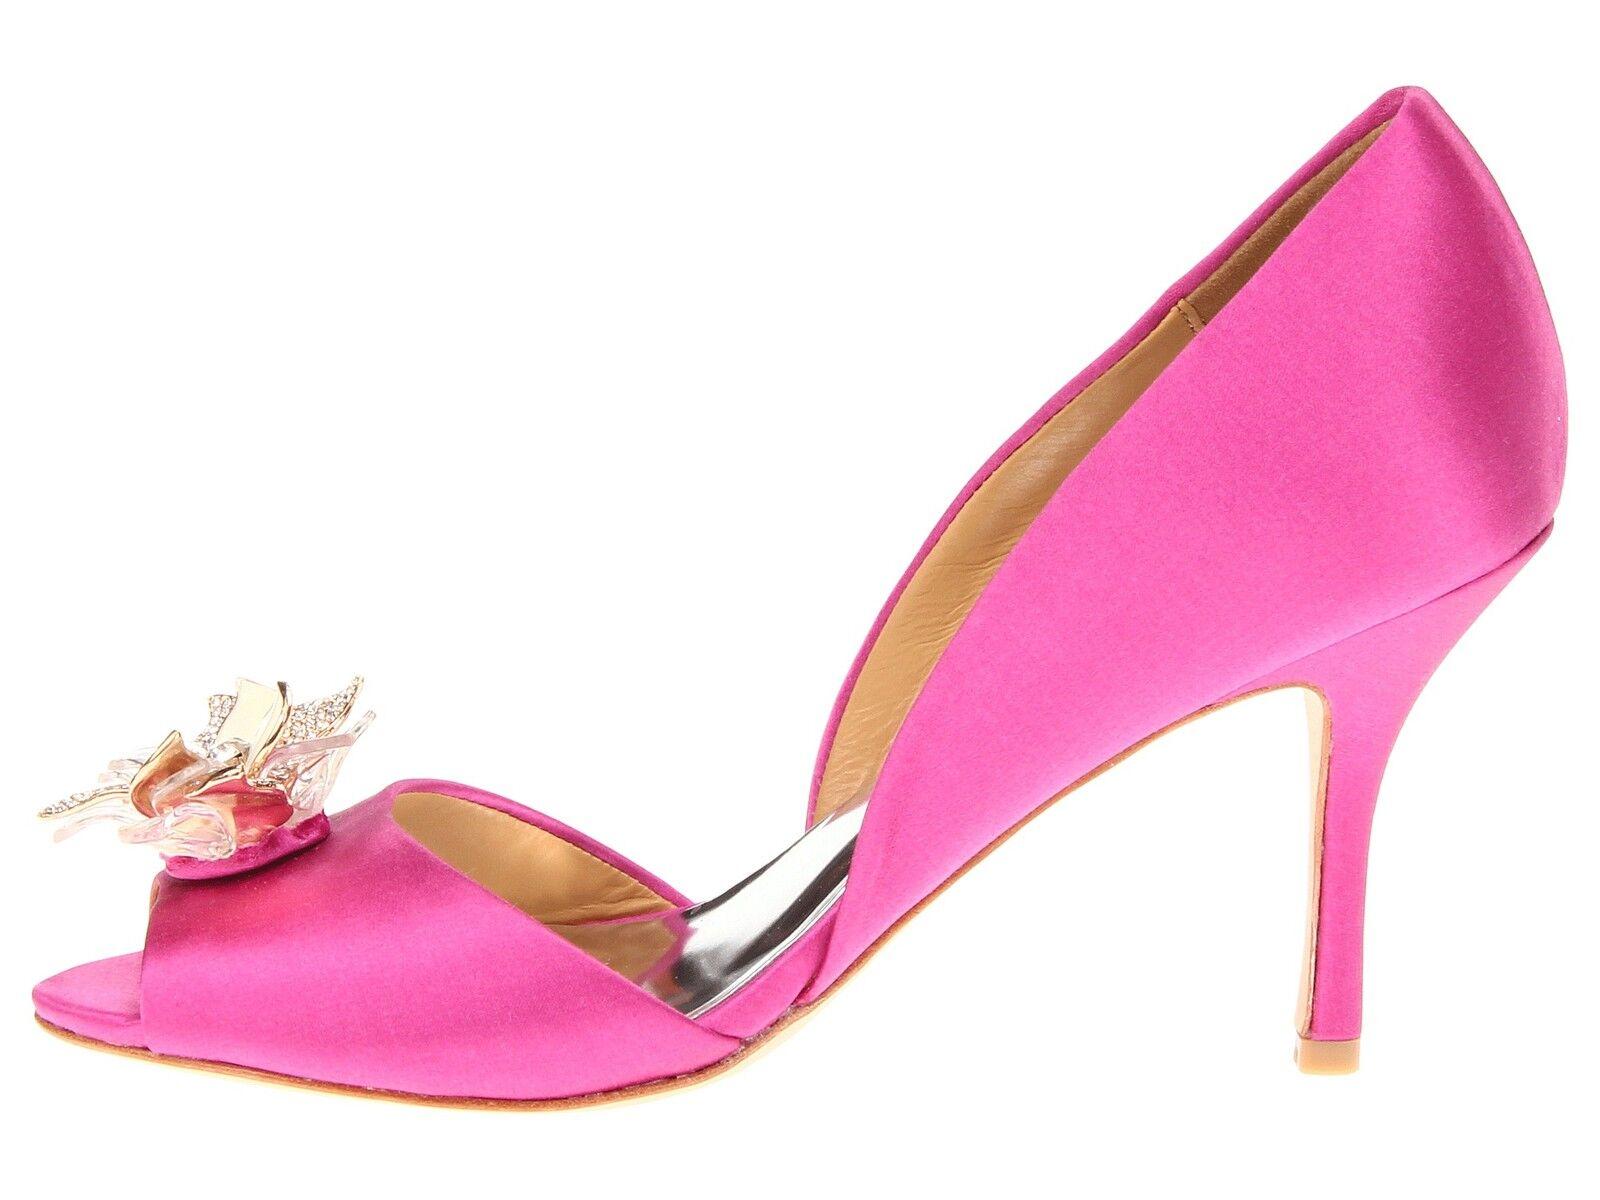 NIB Badgley Mischka Clarissa D'orsay open toe 7,5 pump heel sandals shoes 7,5 toe M ROSE 8281da